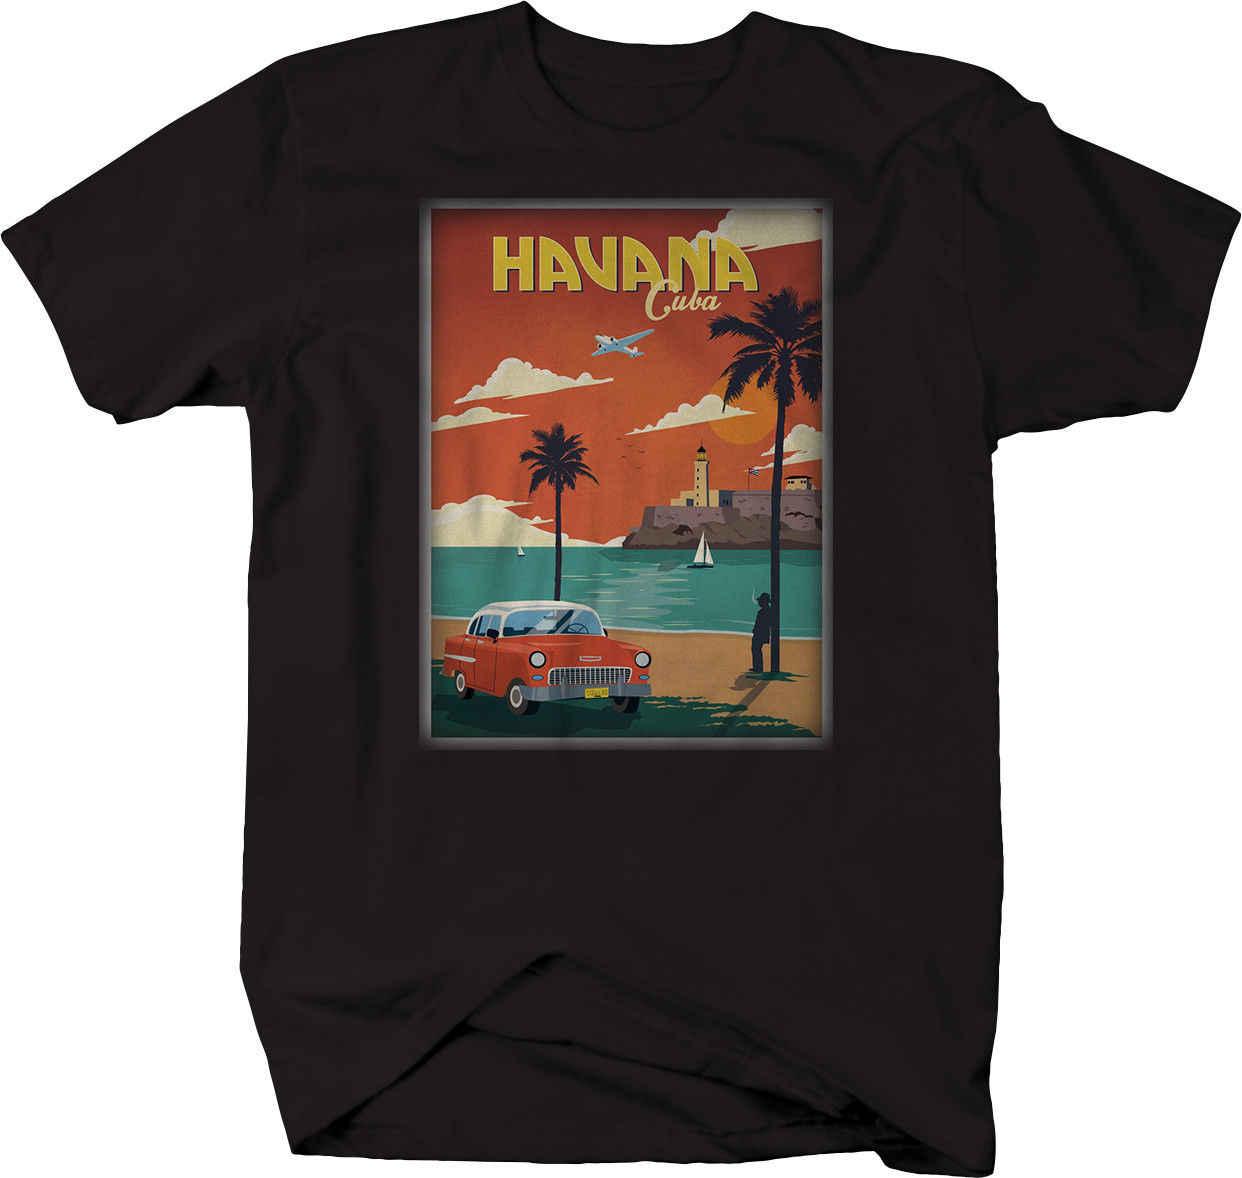 Гавана Куба Классическая шевроя Belair Hotrod автомобиль открытка футболка